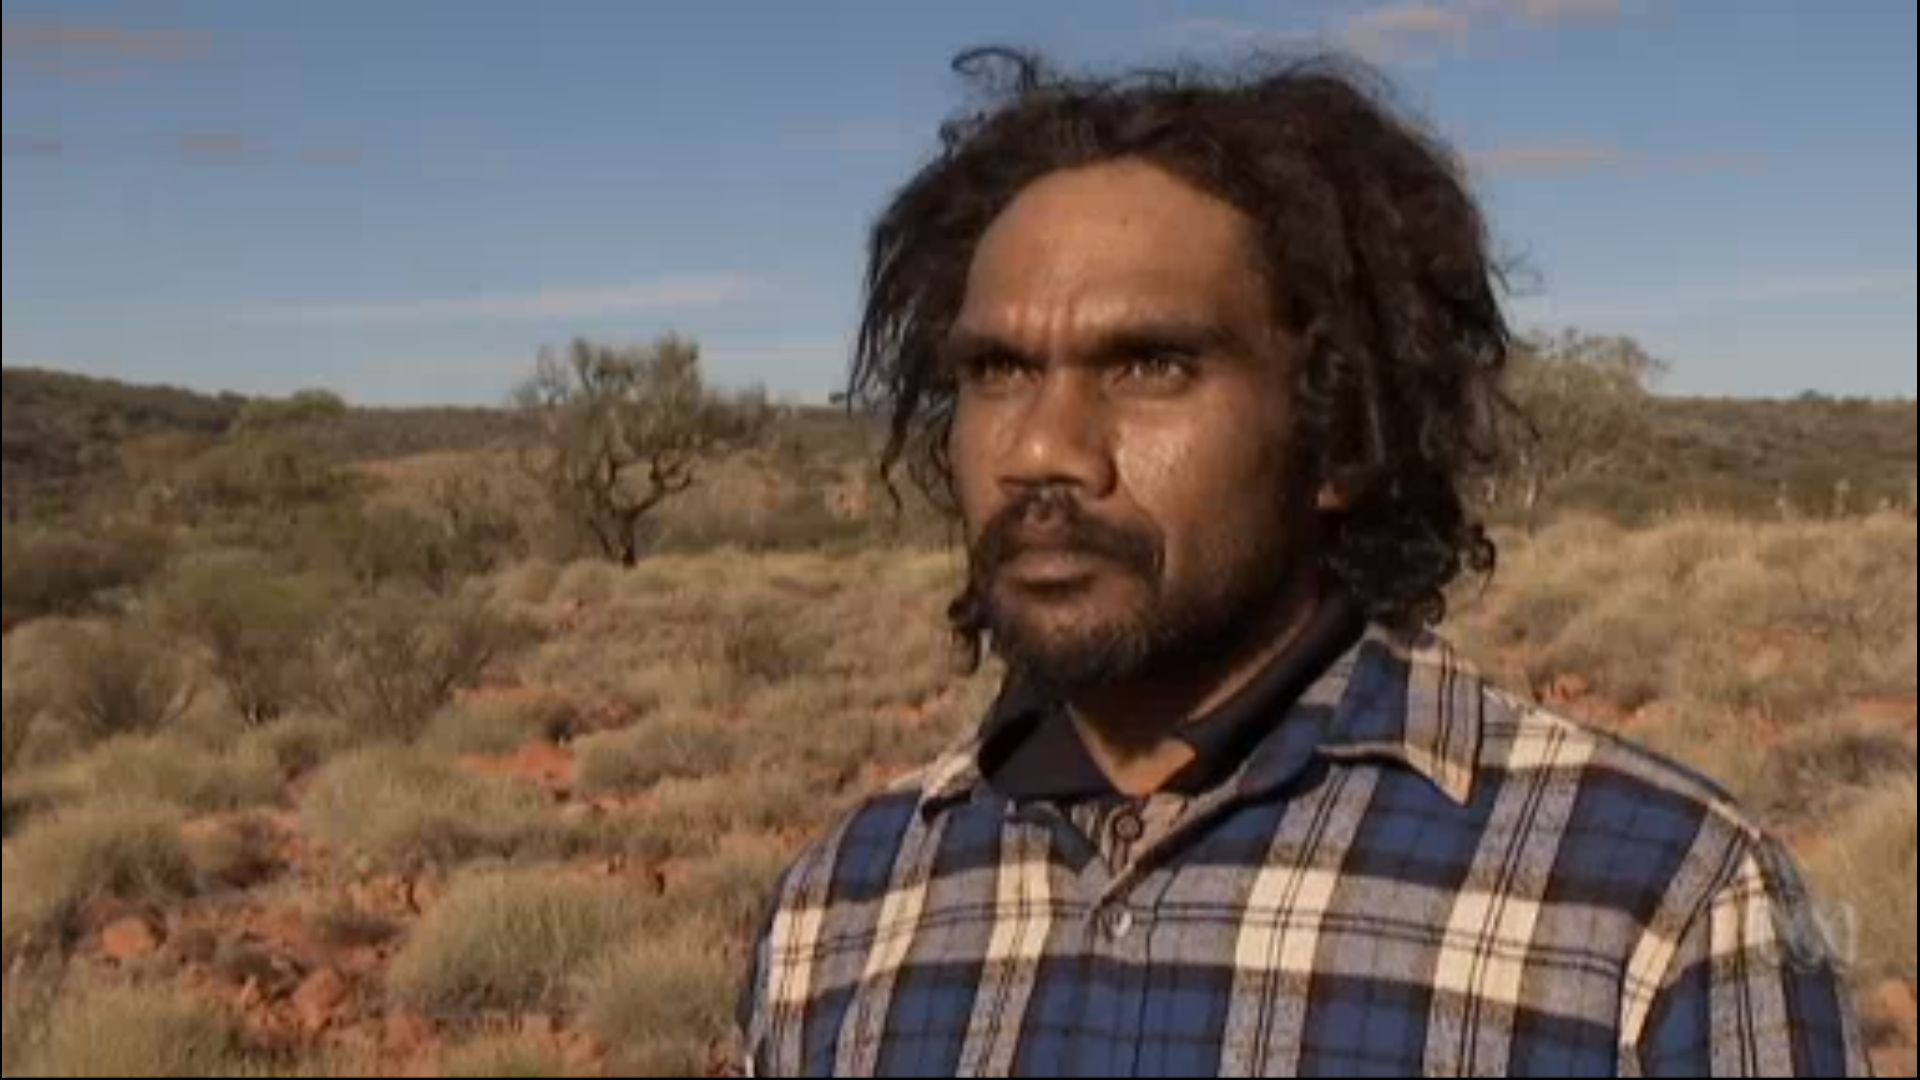 ABC lateline features Vincent Namatjira